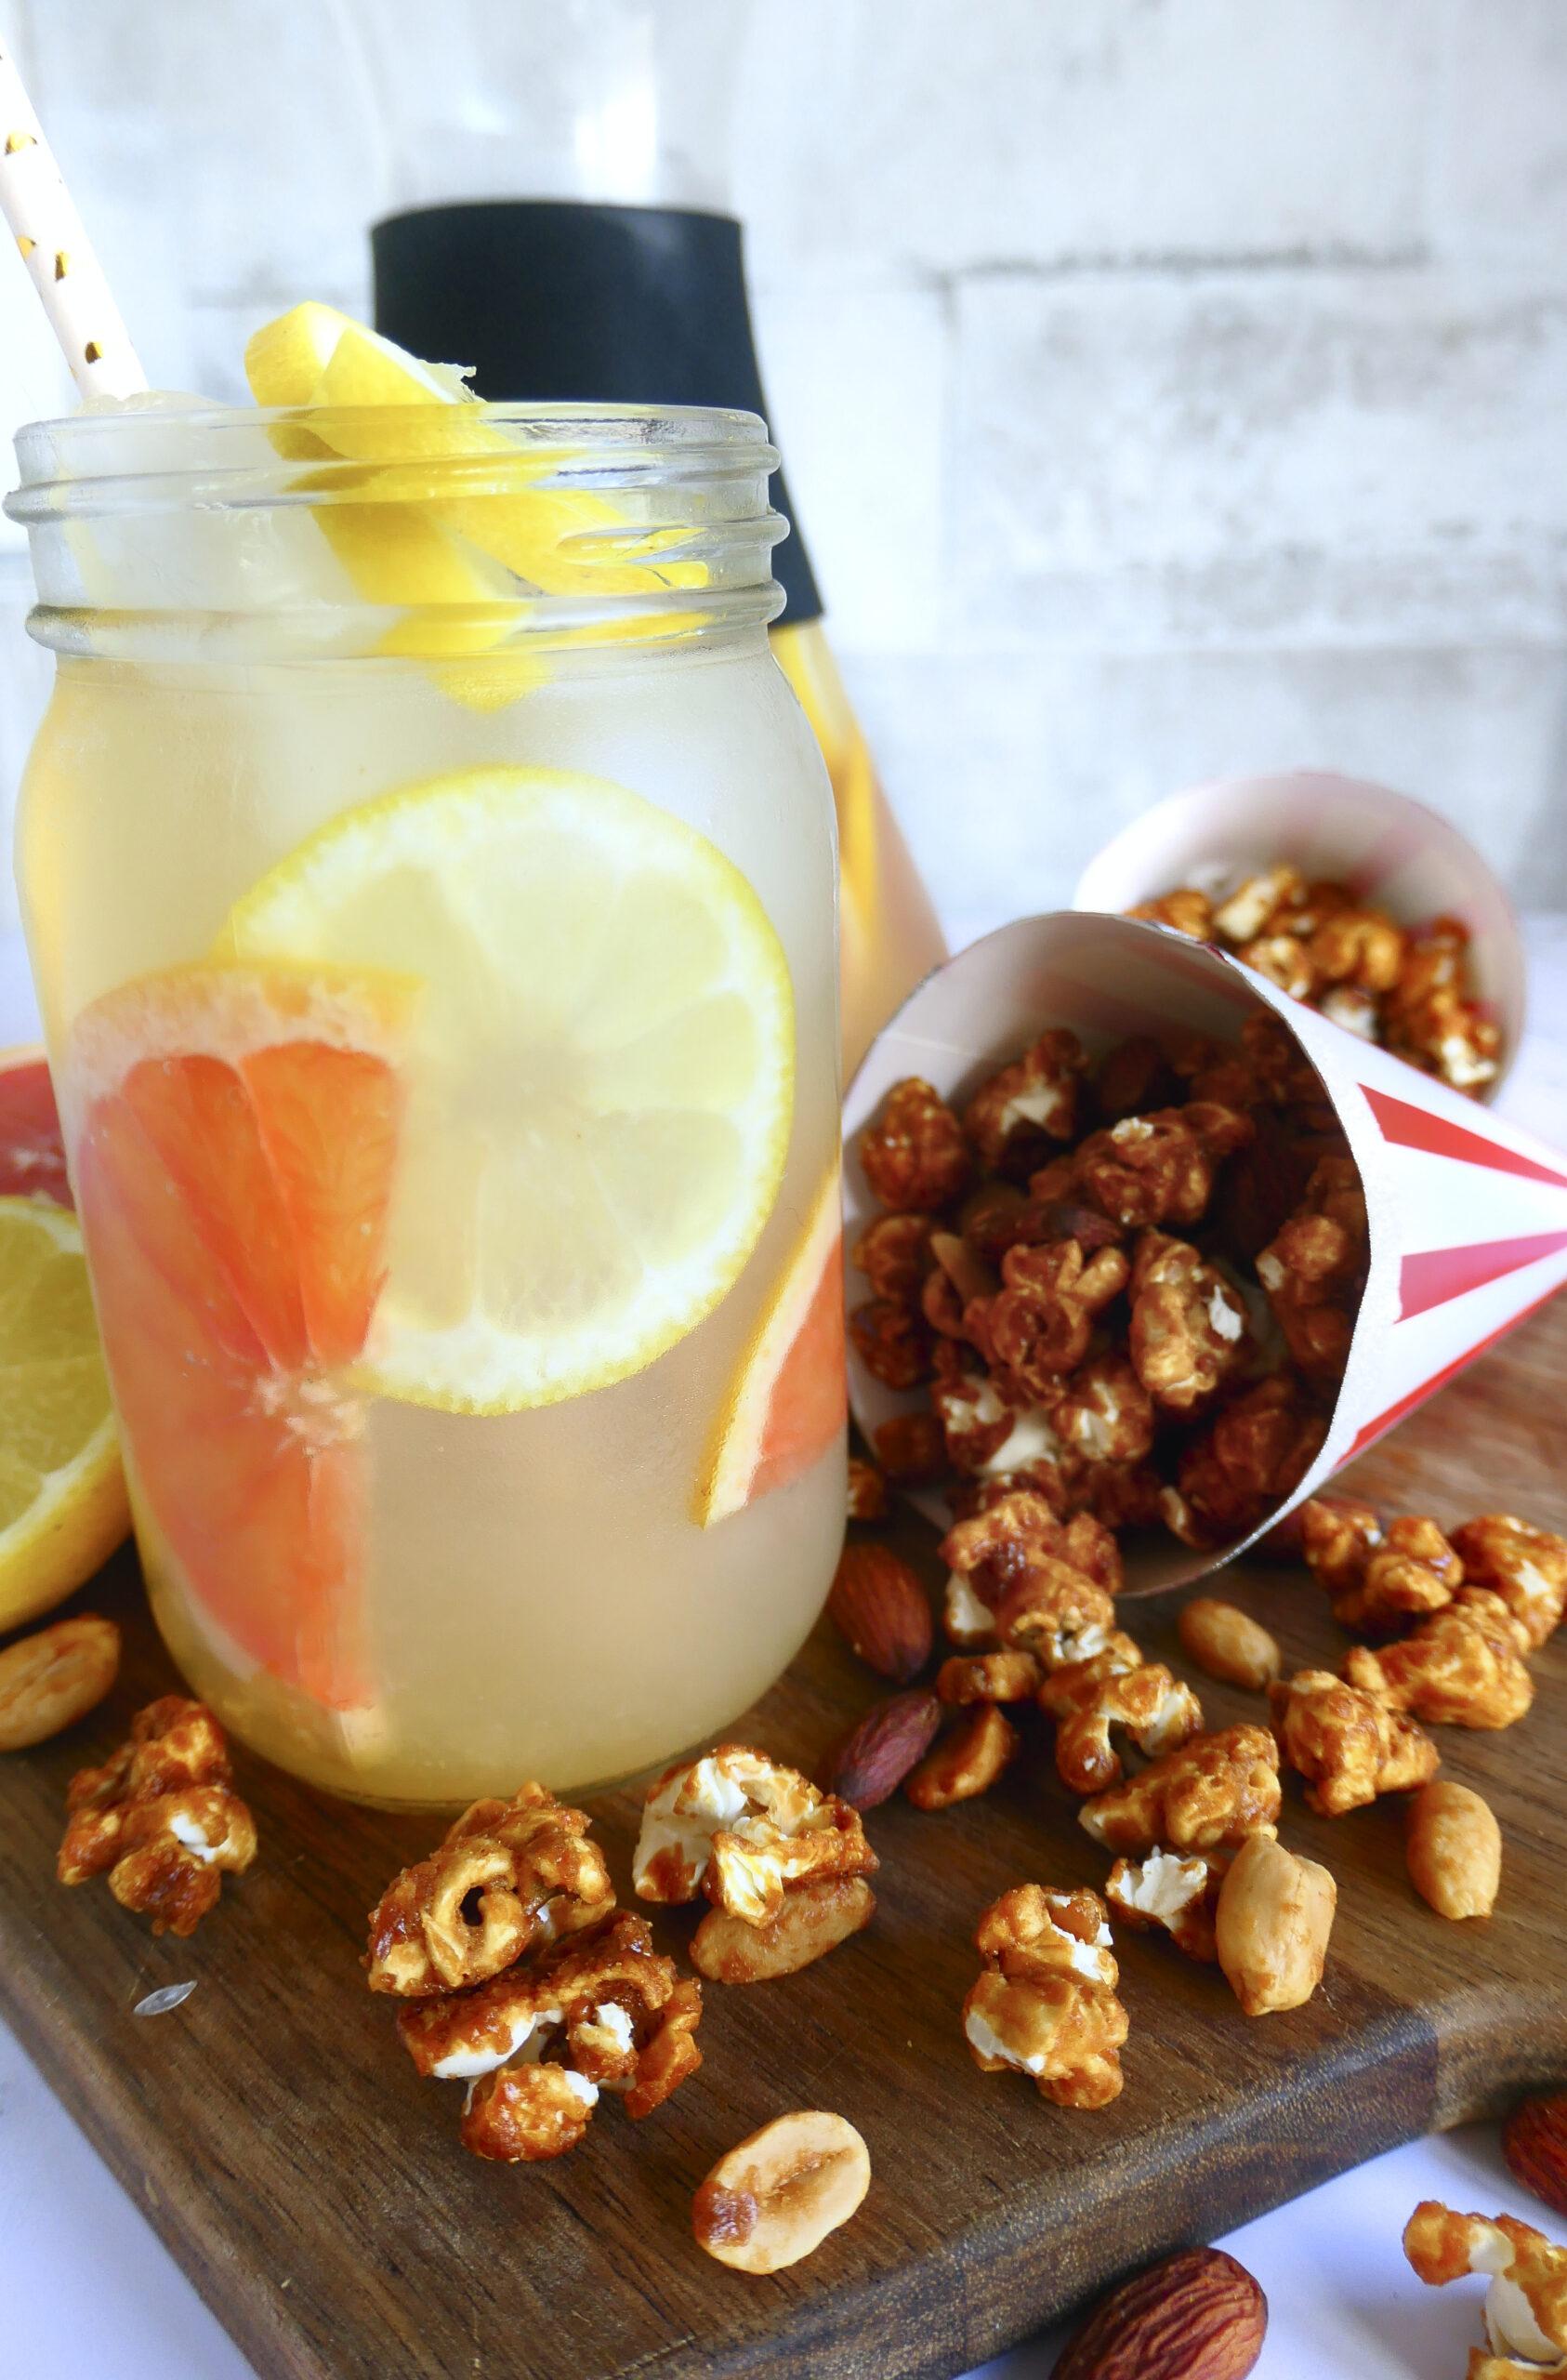 Lemonade og verdens bedste karamel popcorn